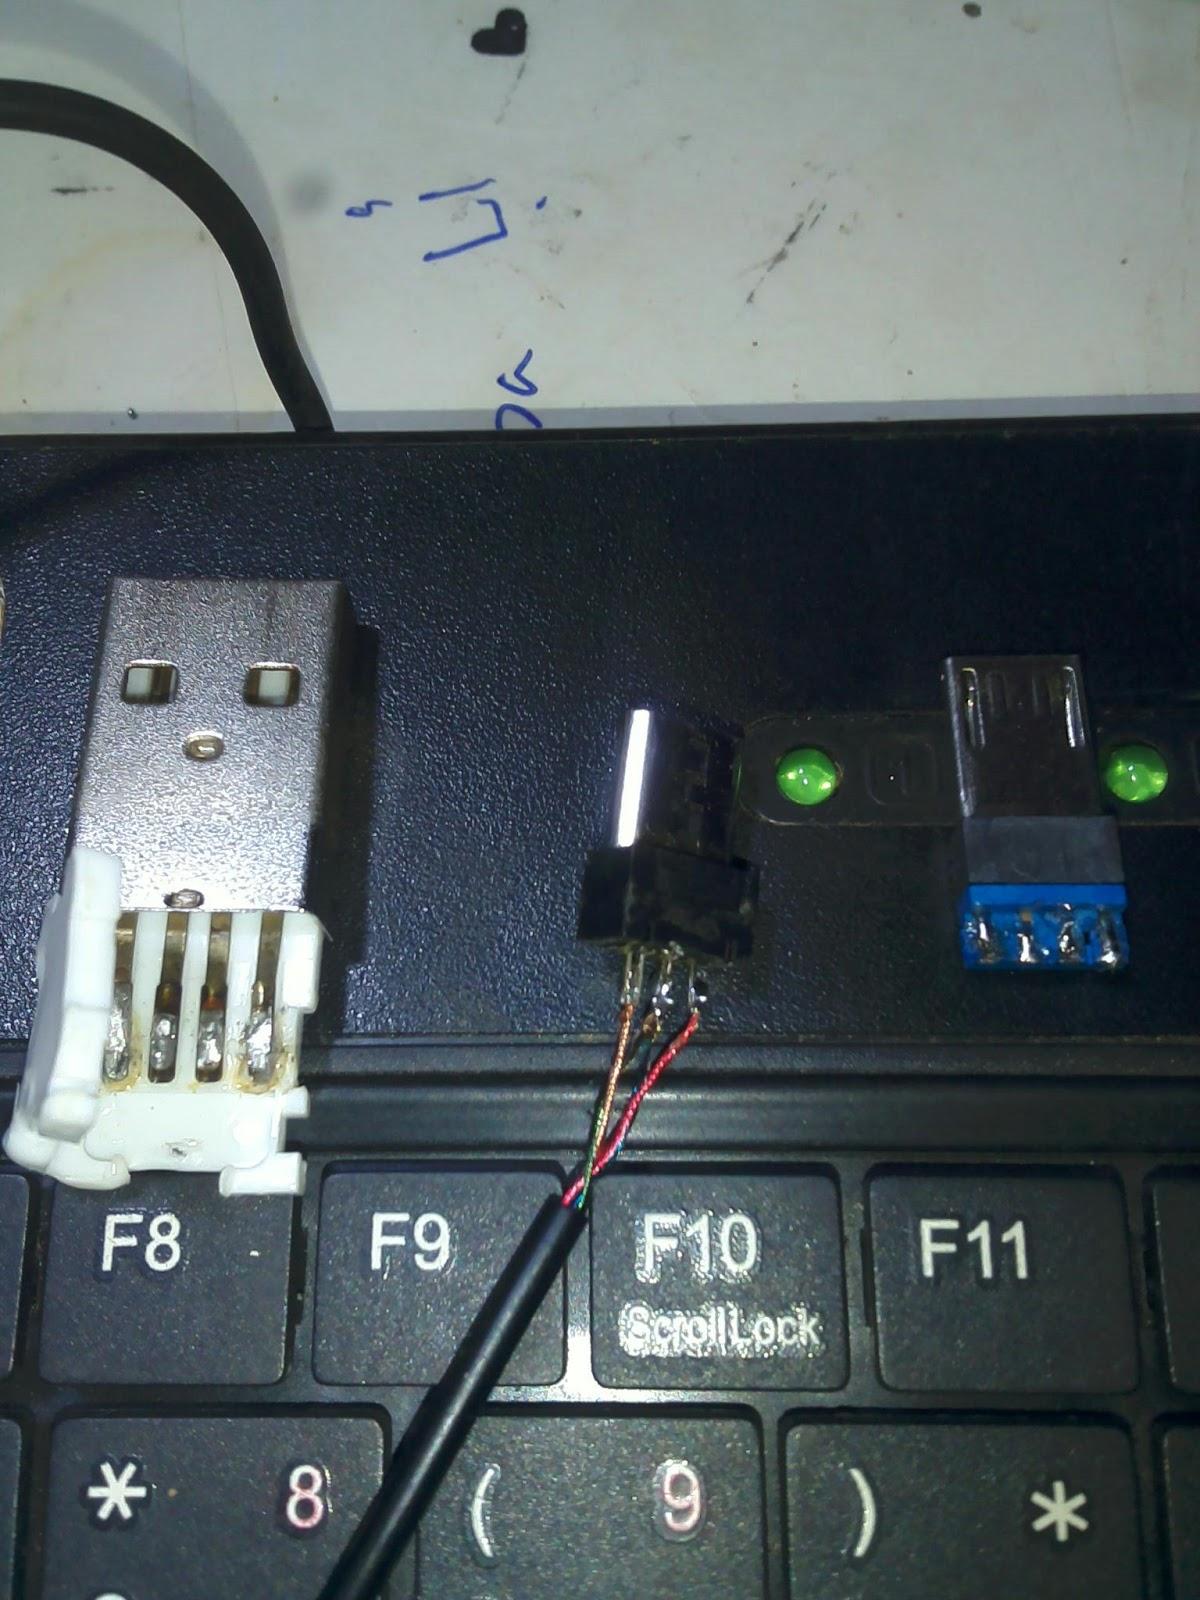 Cara Pasang Kabel Micro Usb Ke Tekno Powered Battery Charger Circuit Gambar Skema Rangkaian Seperti Kasus Dibawah Saya Ingin Merubah Konektor Mini Keyboard Portable Bawaan Pabrik Setiap Menggunakannya Untuk Smartphone Atau Tablet